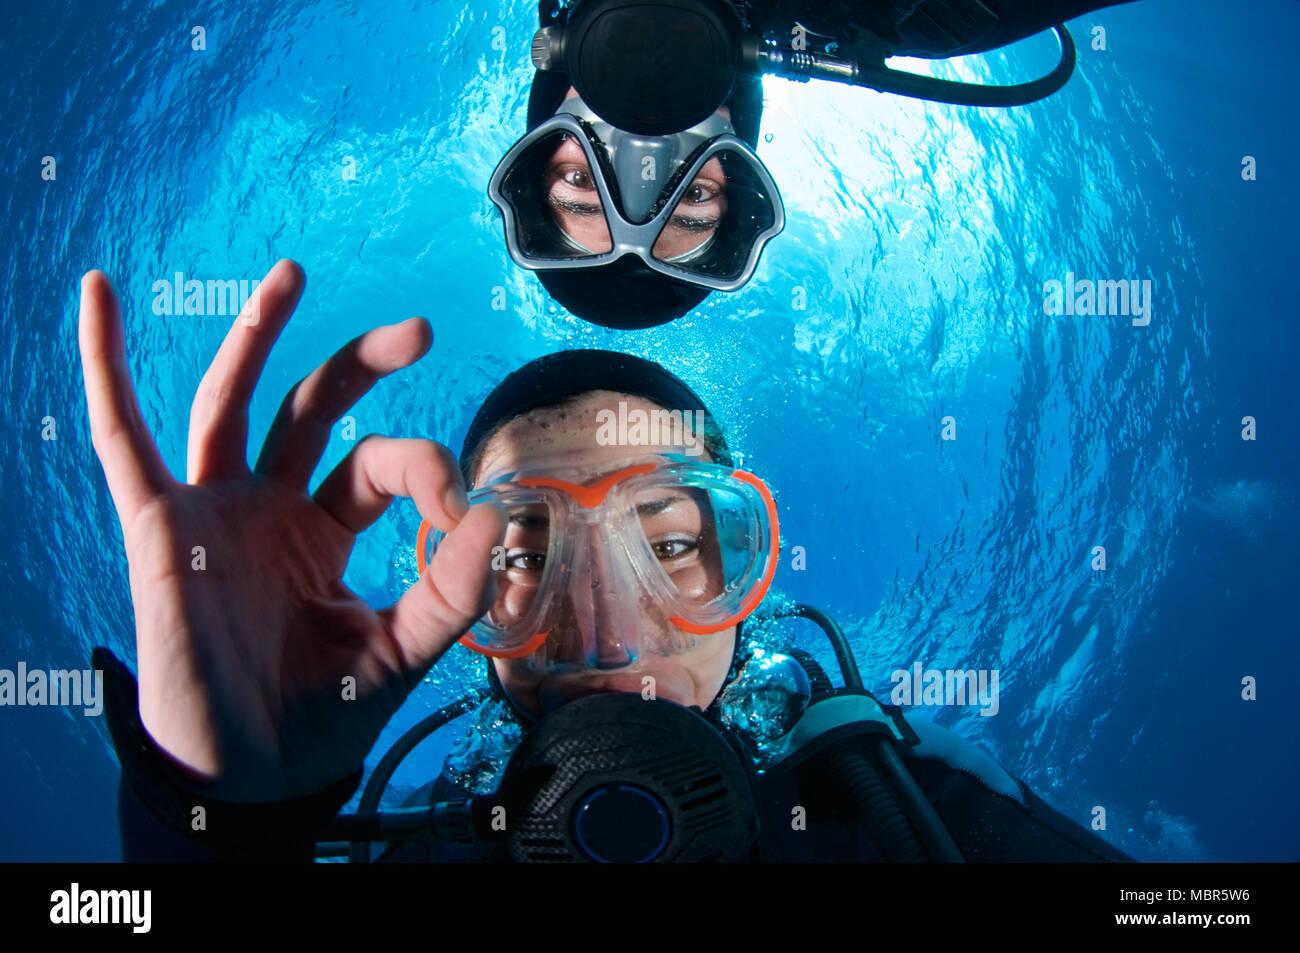 Taucher selfie machen OK-Signal mit der Snell Fenster im Hintergrund in Mar de las Calmas Marine Reserve (El Hierro, Kanarische Inseln, Spanien) Stockbild